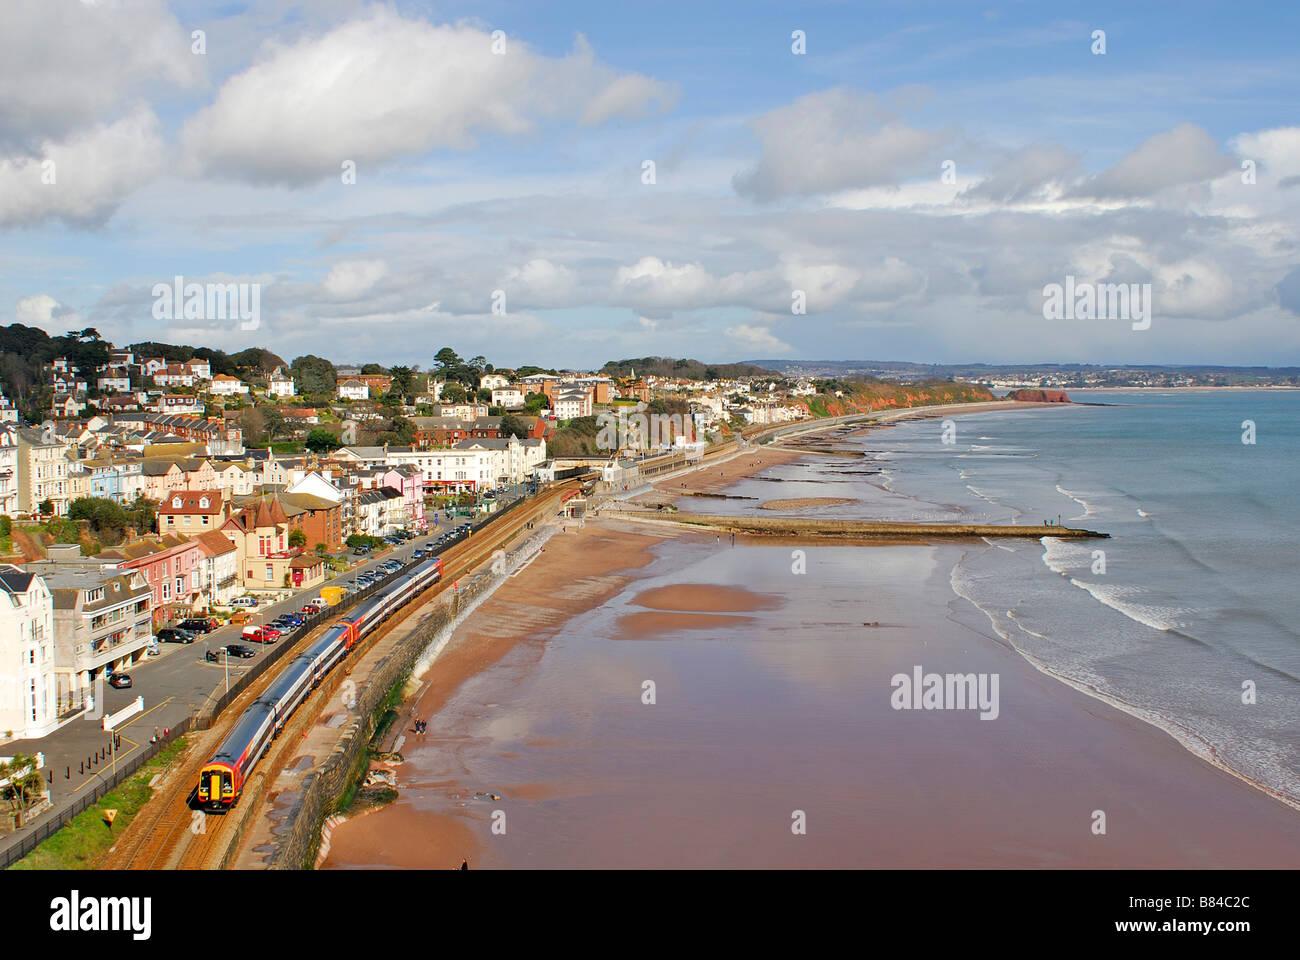 Dawlish South Devon UK - Stock Image